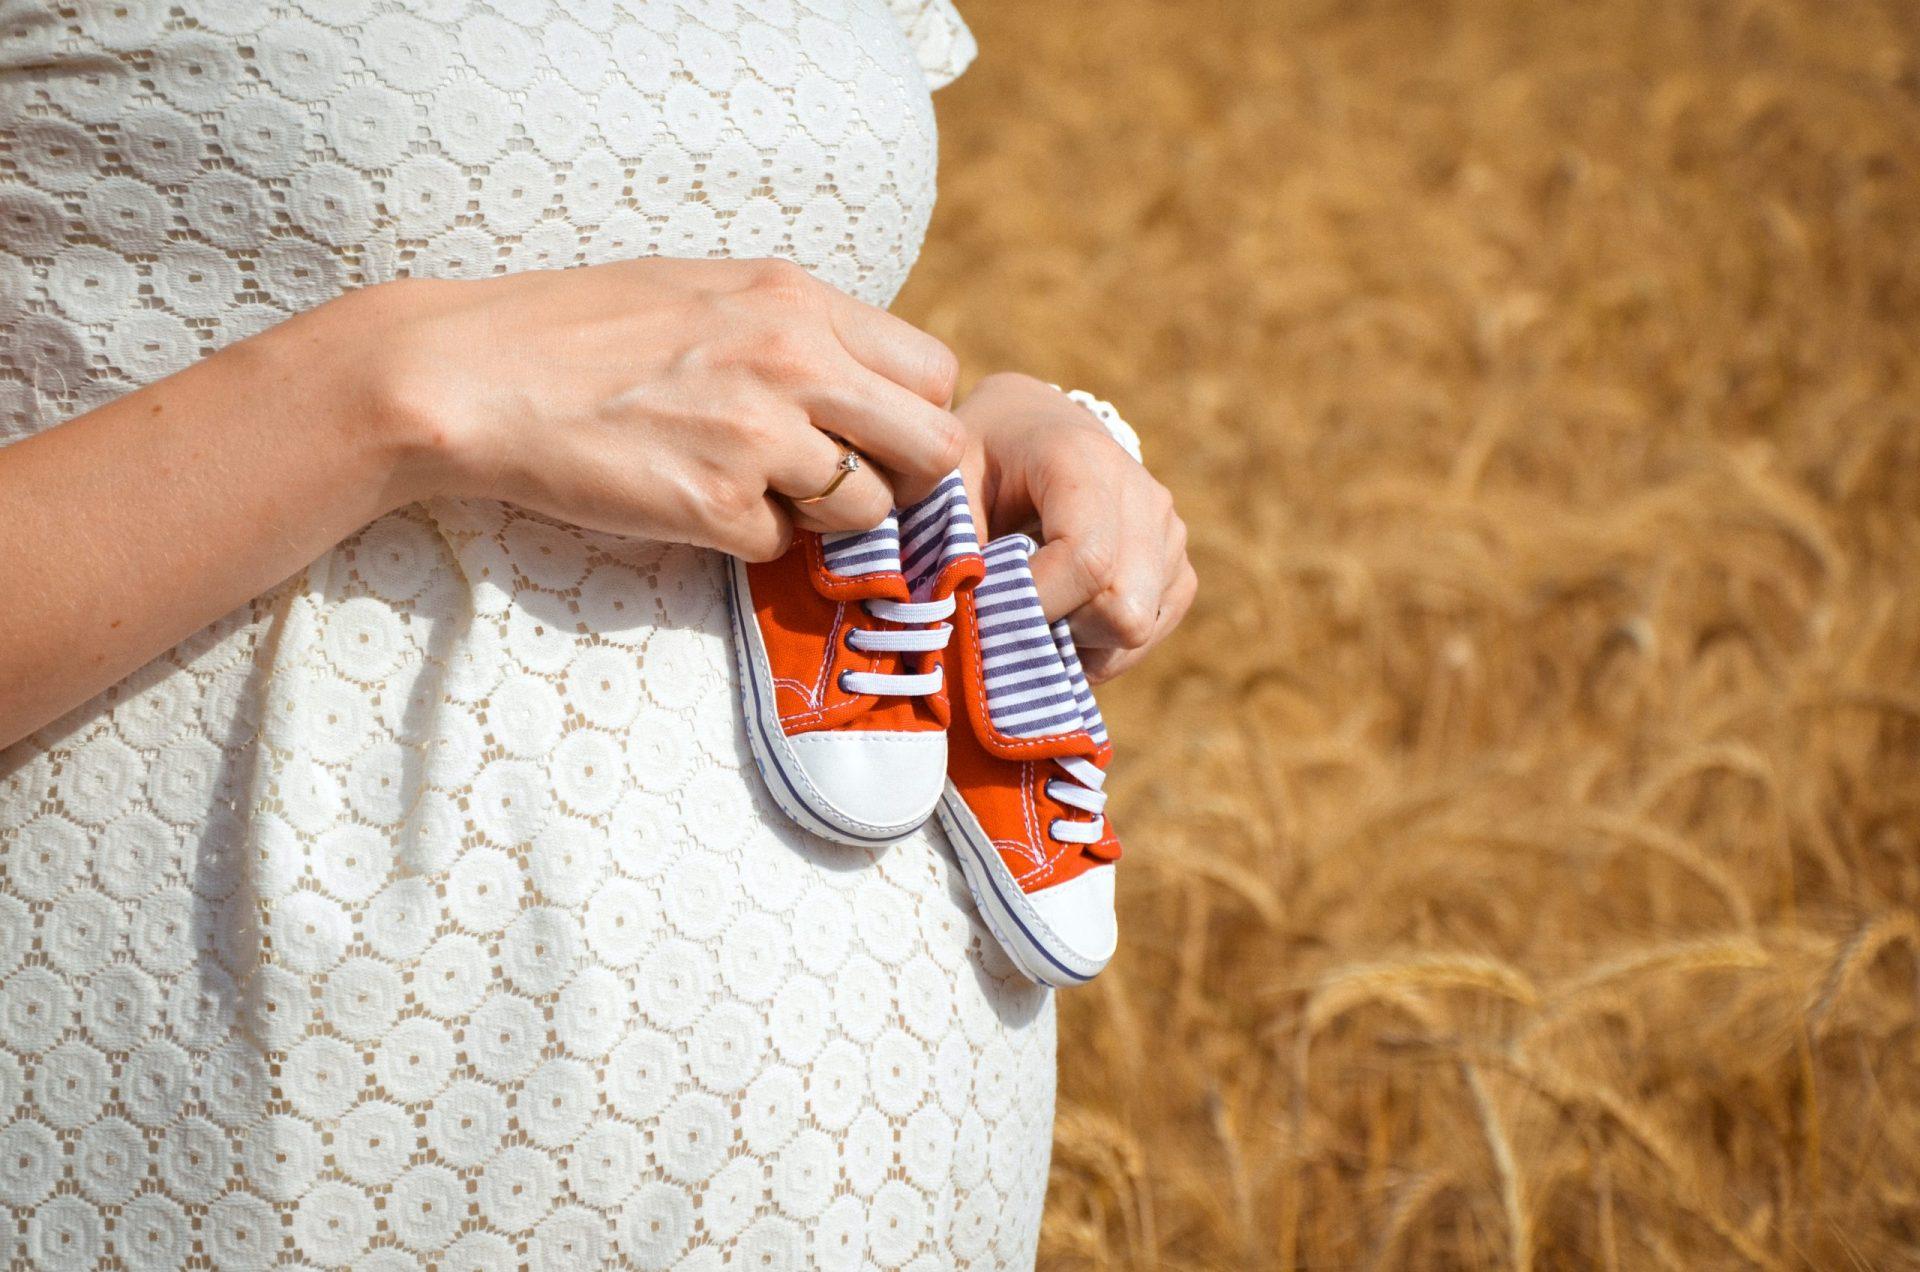 Wist je dat je baby in je buik al kan proeven, voelen en horen? Dat gaat zo in zijn werk.